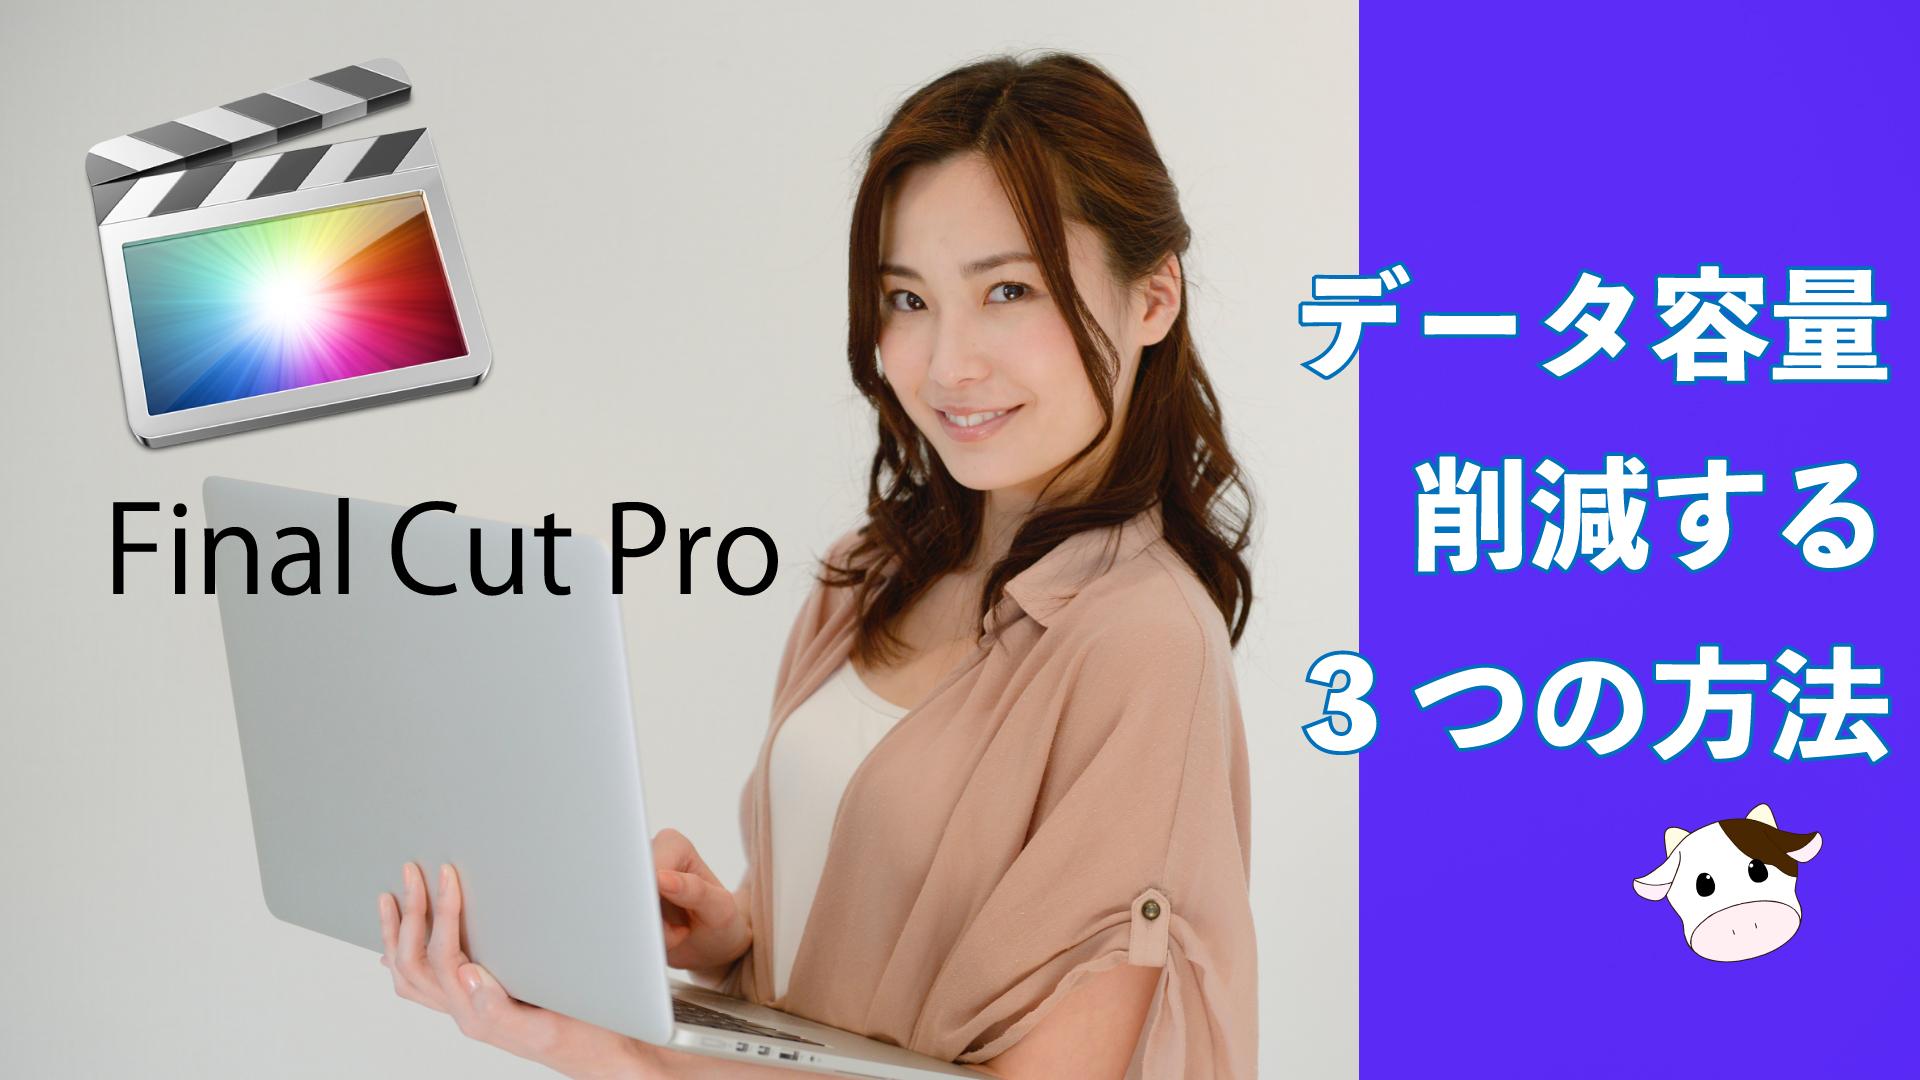 Final-Cut-Pro--のデータ容量を削減する3つの方法_アイキャッチ